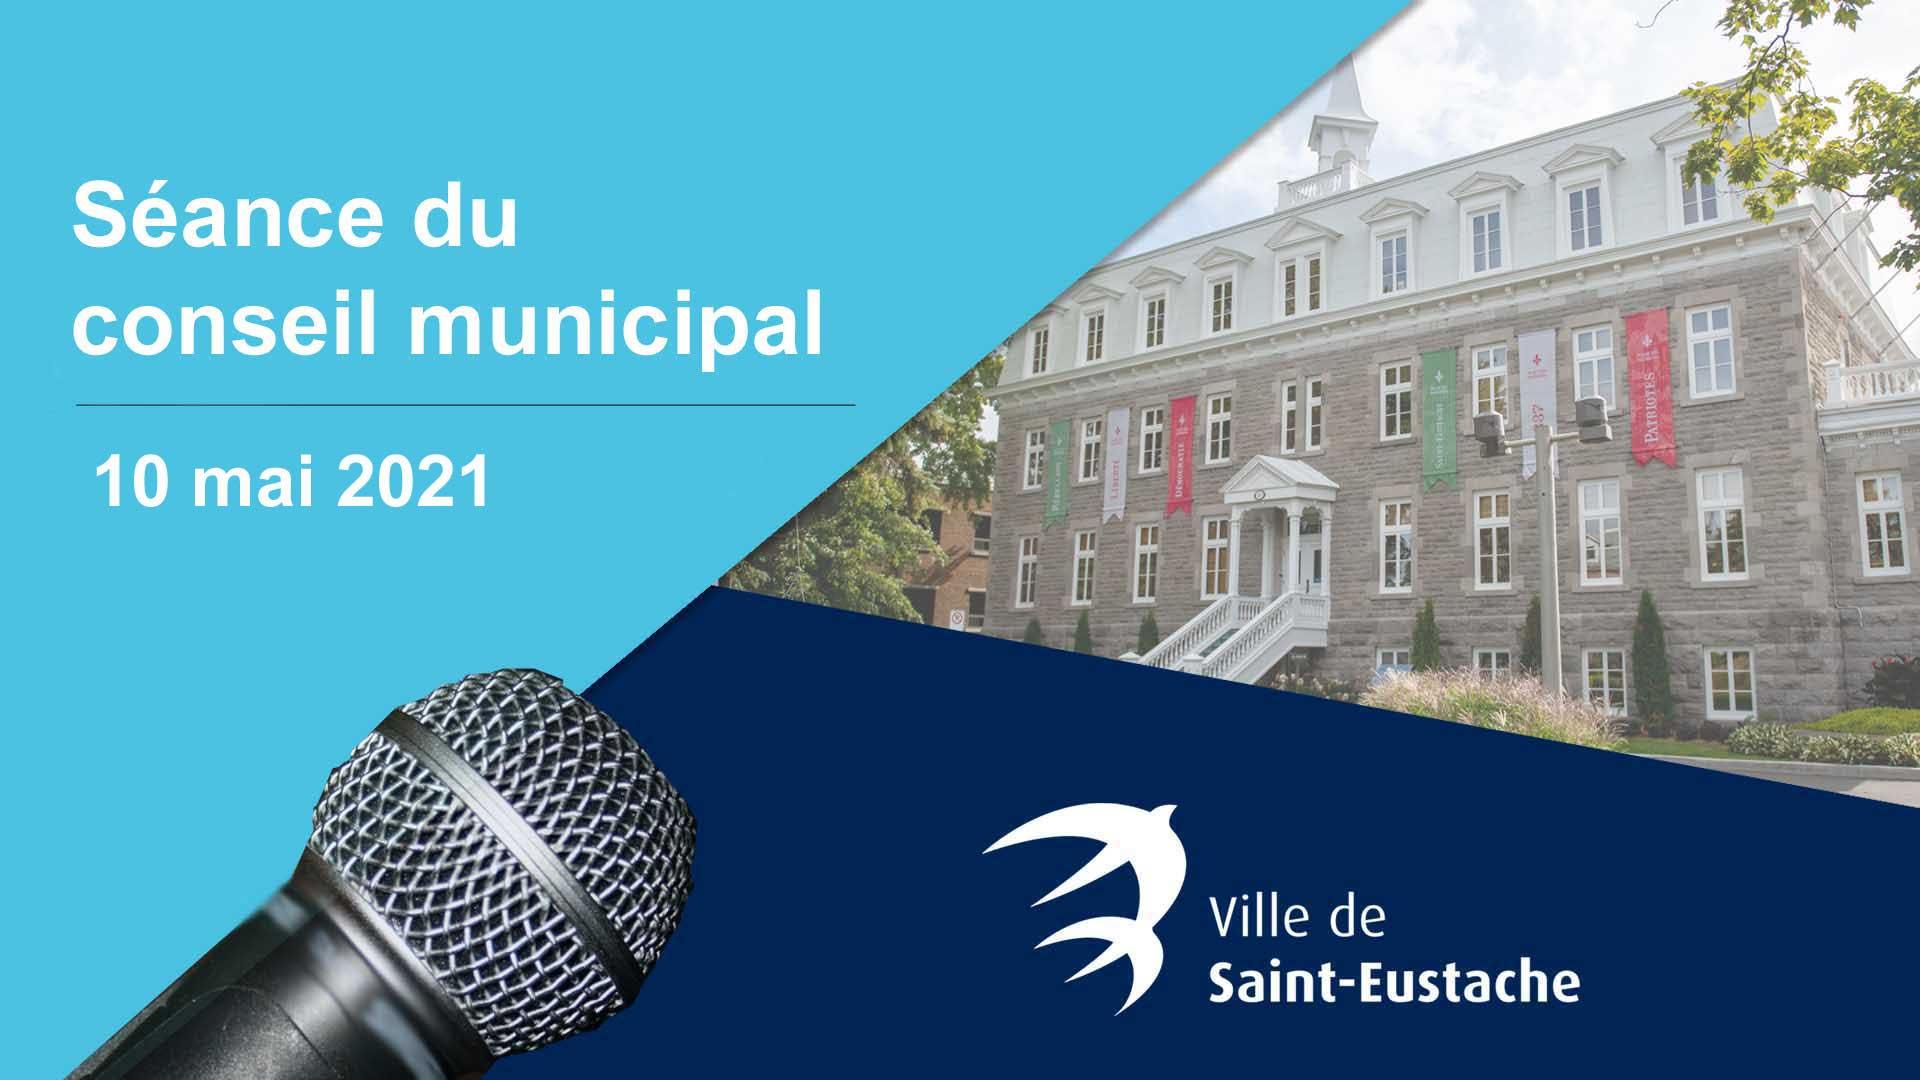 Séance ordinaire du conseil municipal à huis clos le 10 mai 2021